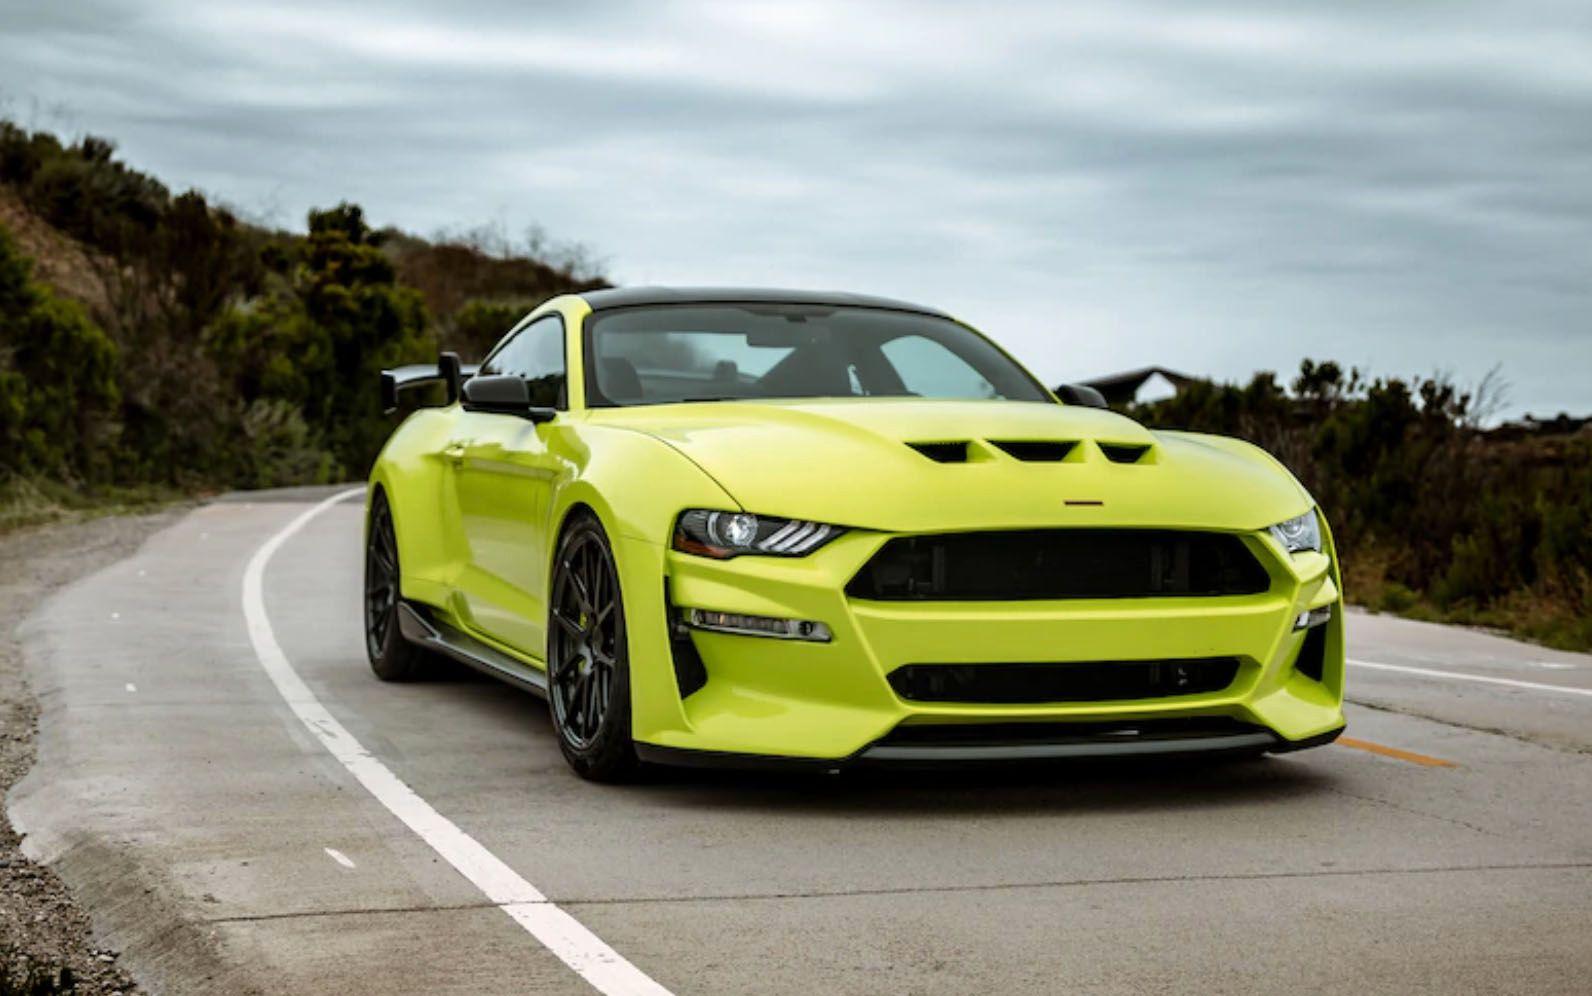 """<img src=""""revenge-gt-front.jpg"""" alt=""""Front view of the new custom Revenge Mustang GT"""">"""